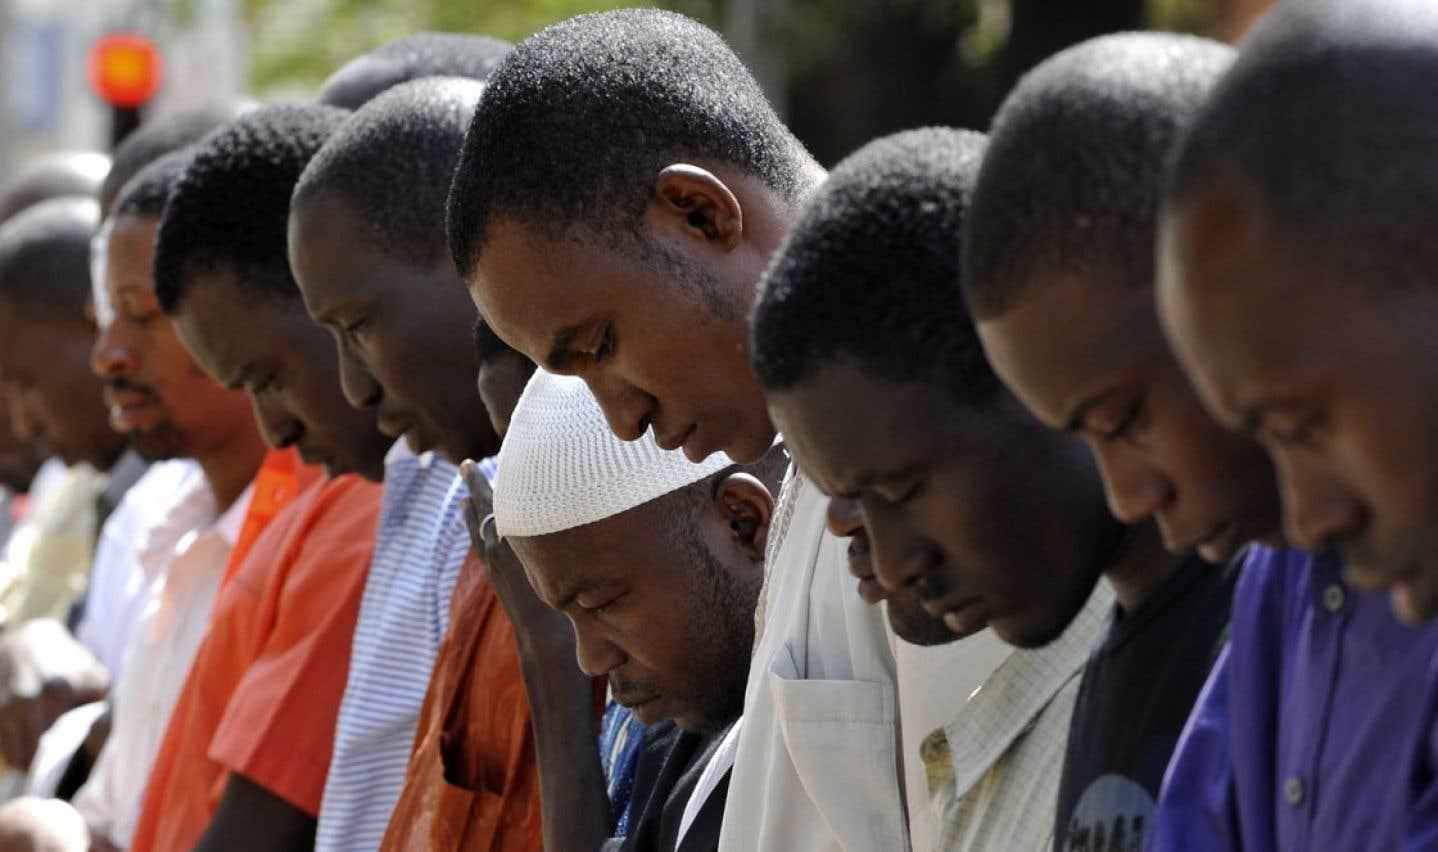 Afrique - Entre islam et chrétienté, les religions traditionnelles subsistent